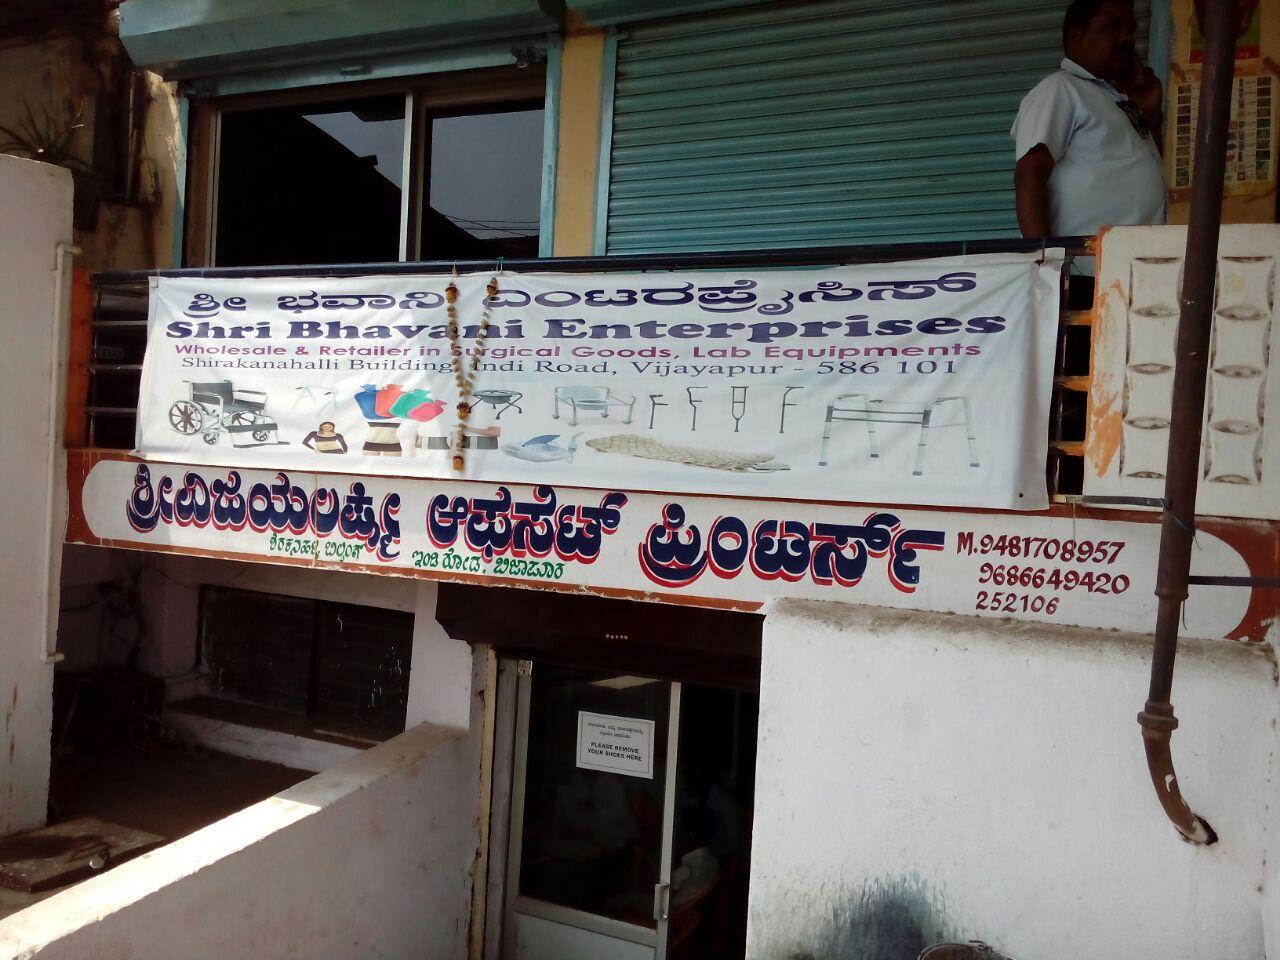 Vijaylaxmi Offset Printers